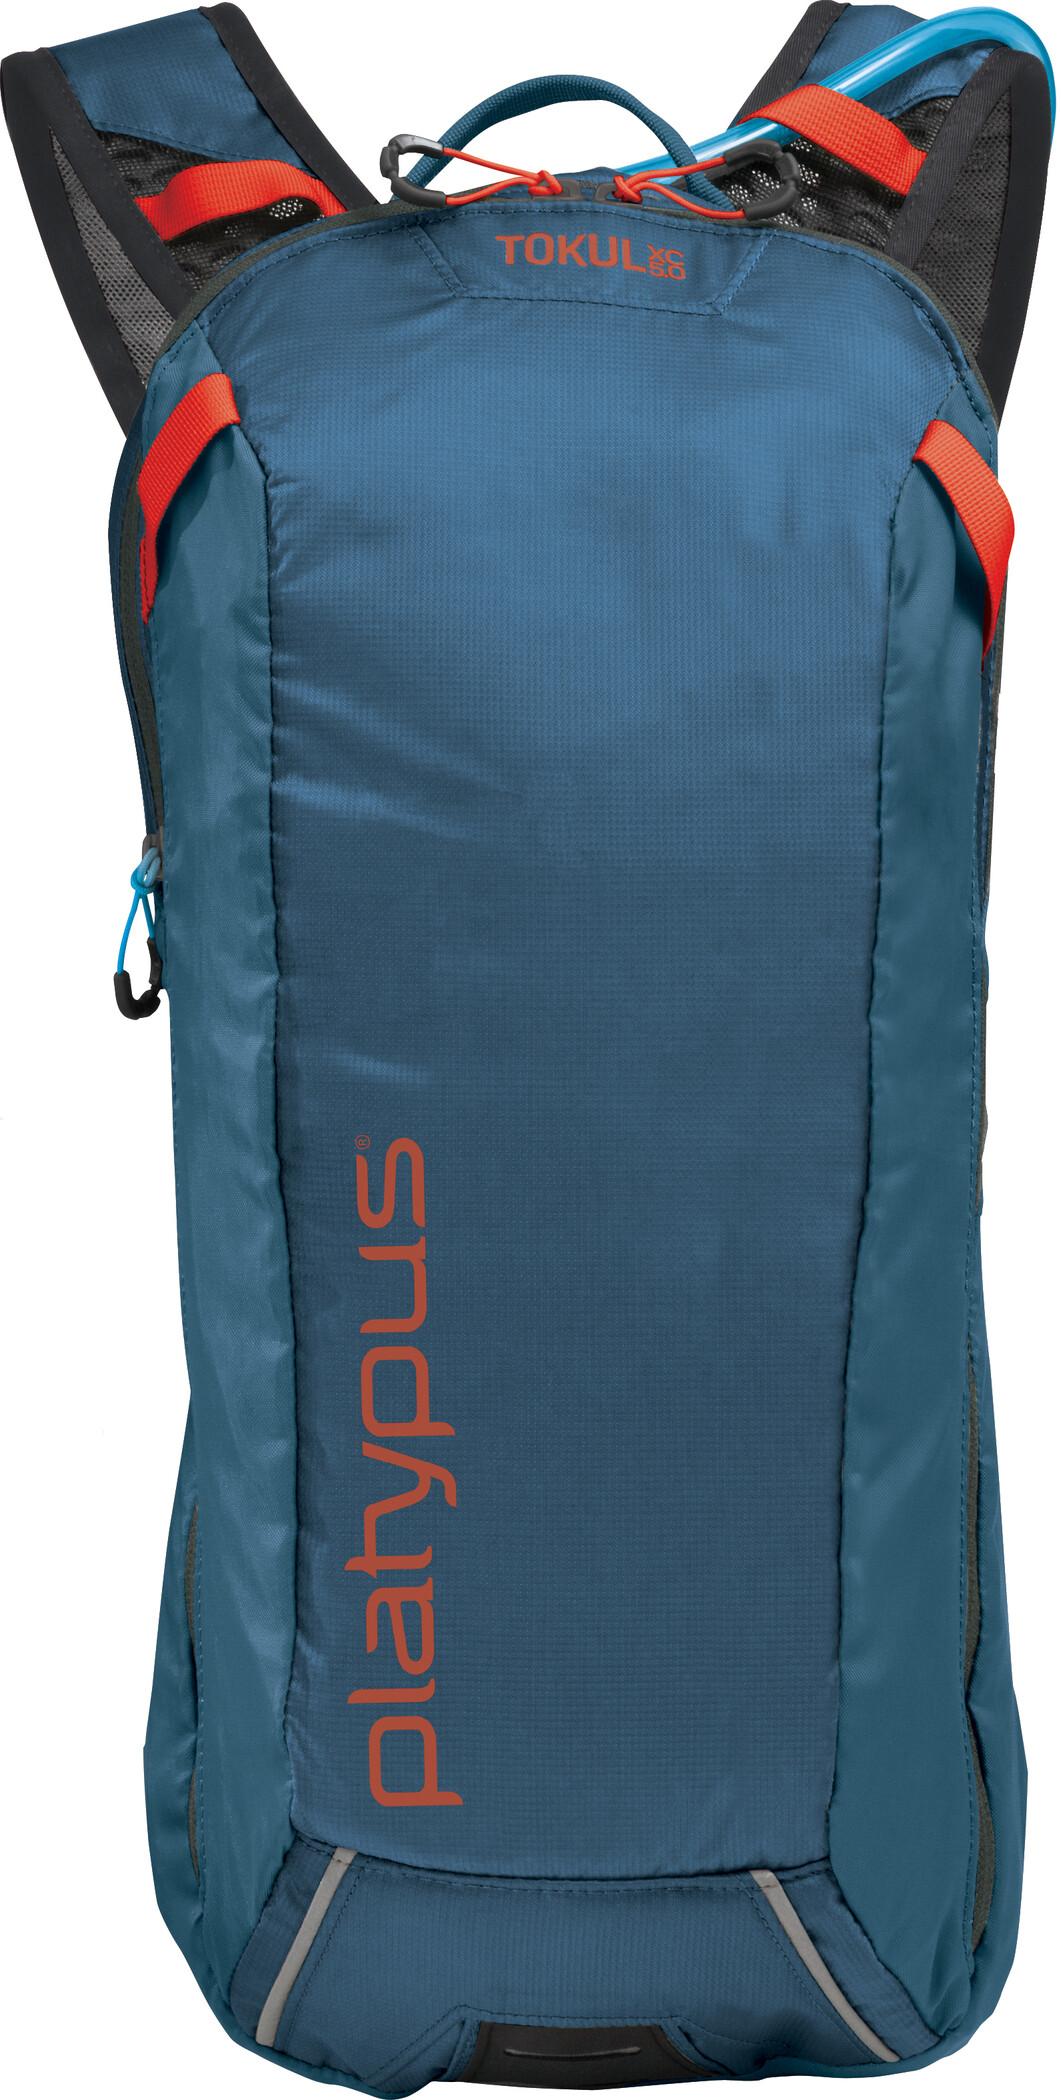 Platypus Tokul 5 Rygsæk, coastal blue   Rygsæk og rejsetasker